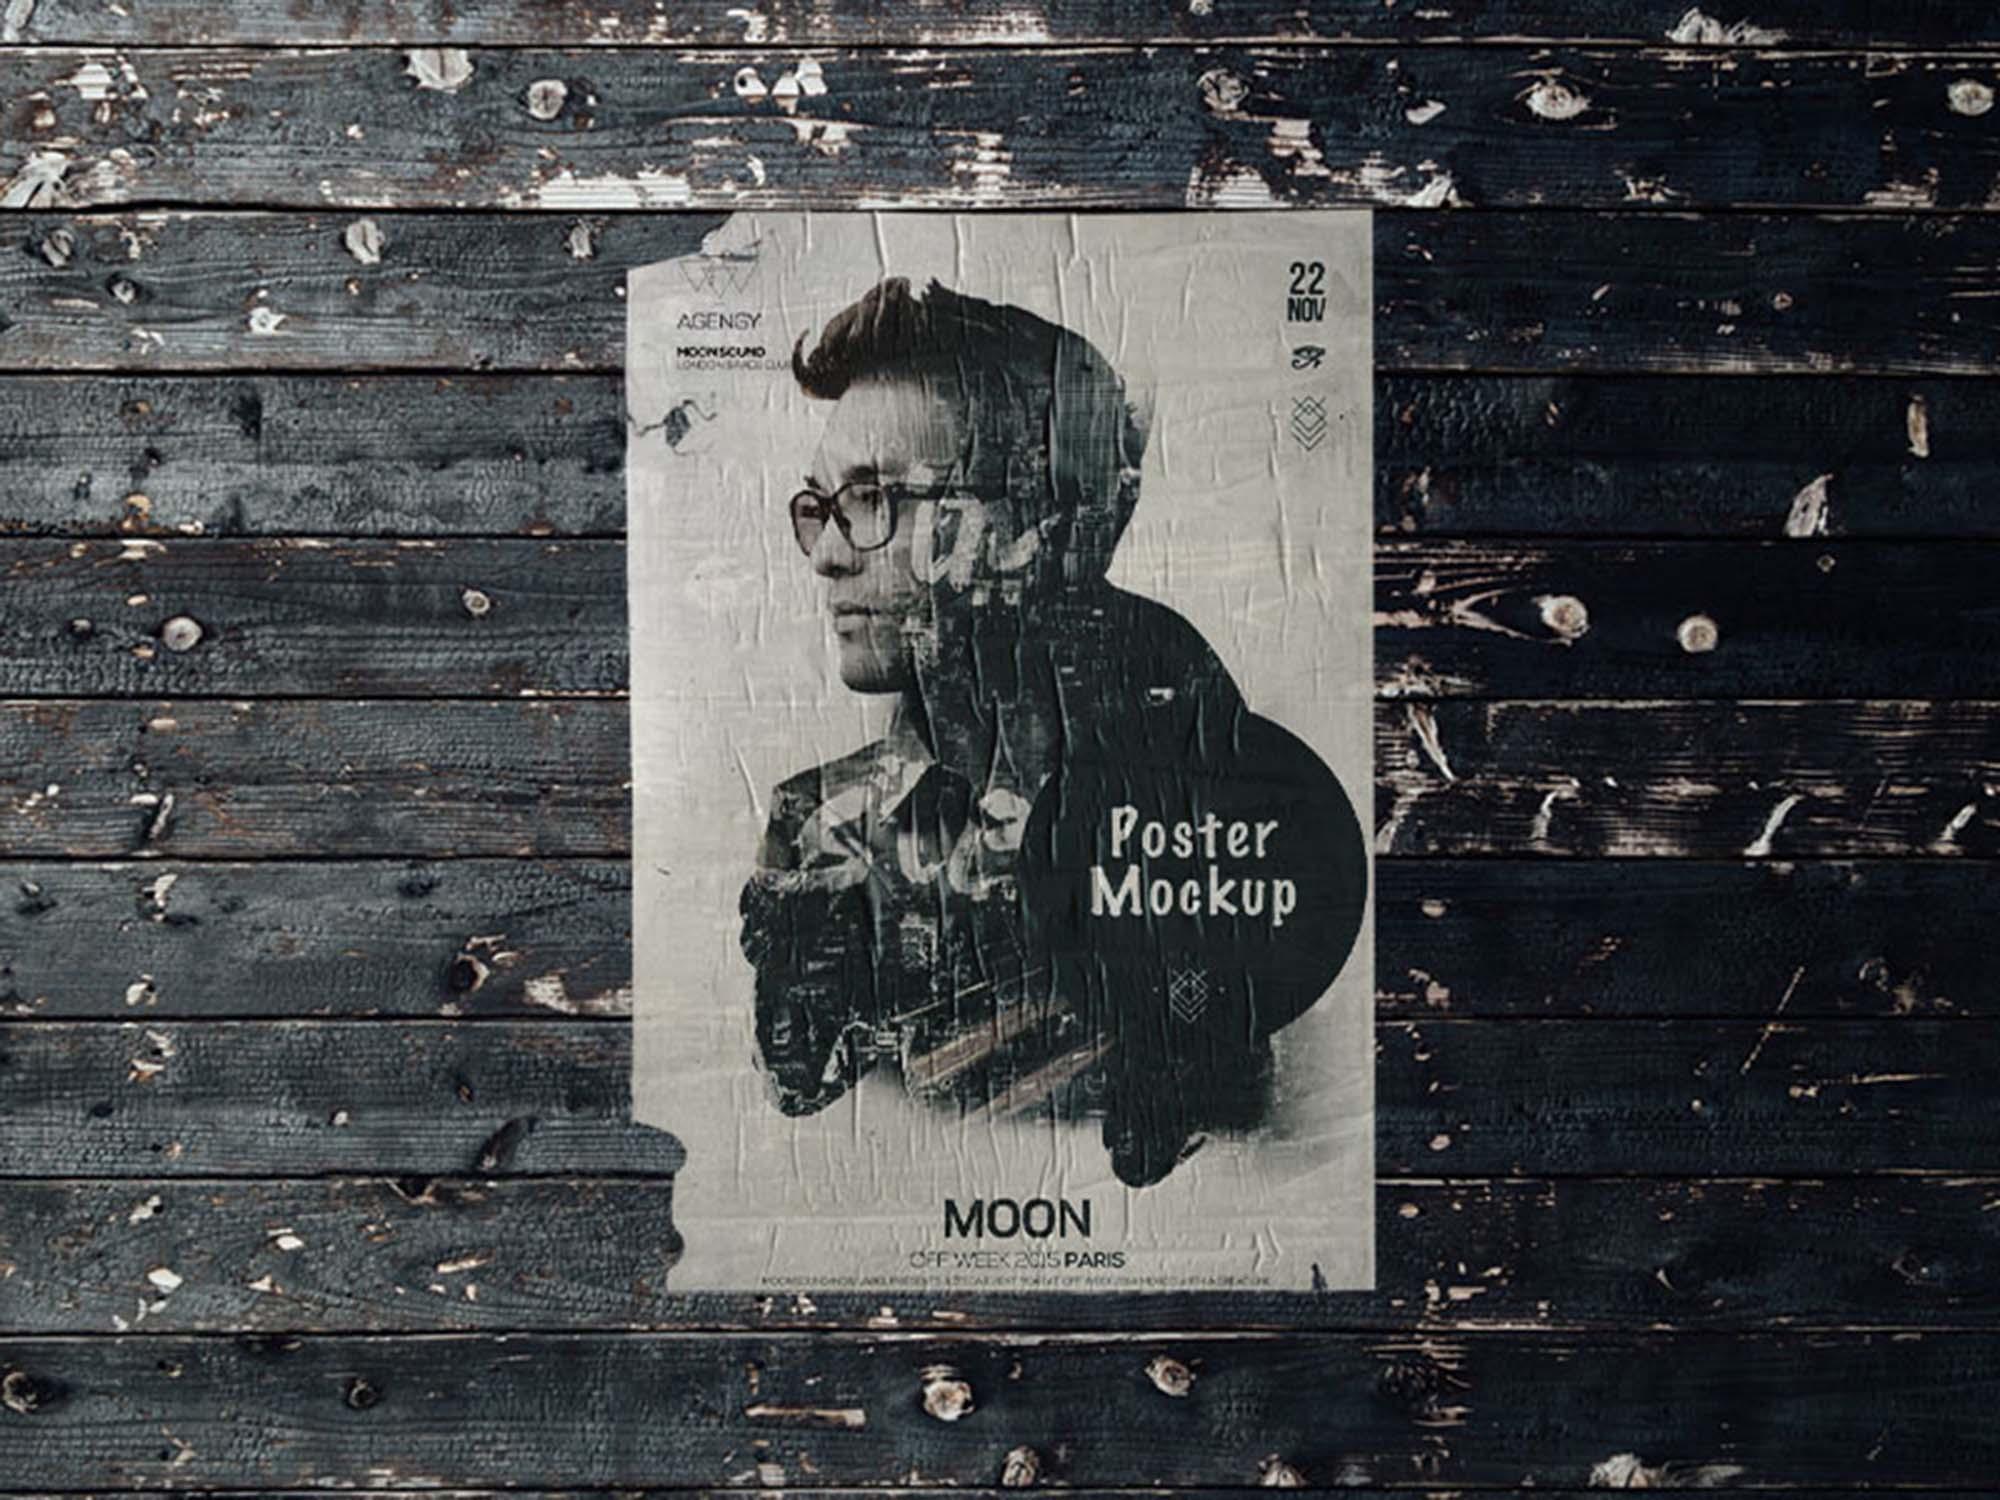 Free Wall Poster Mockup Psd